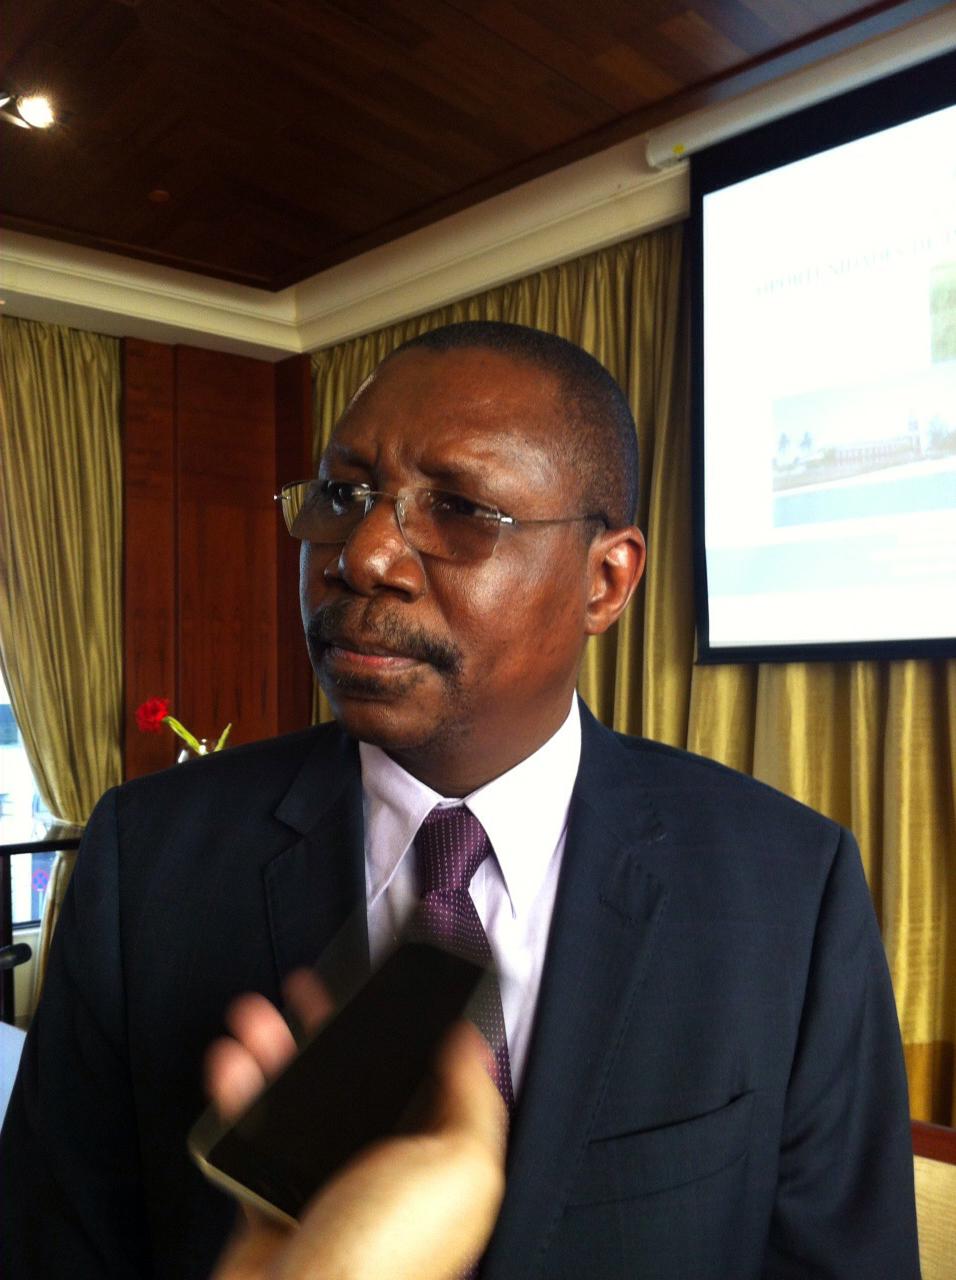 Investimento | Cônsul de Moçambique pede mais acção de Macau